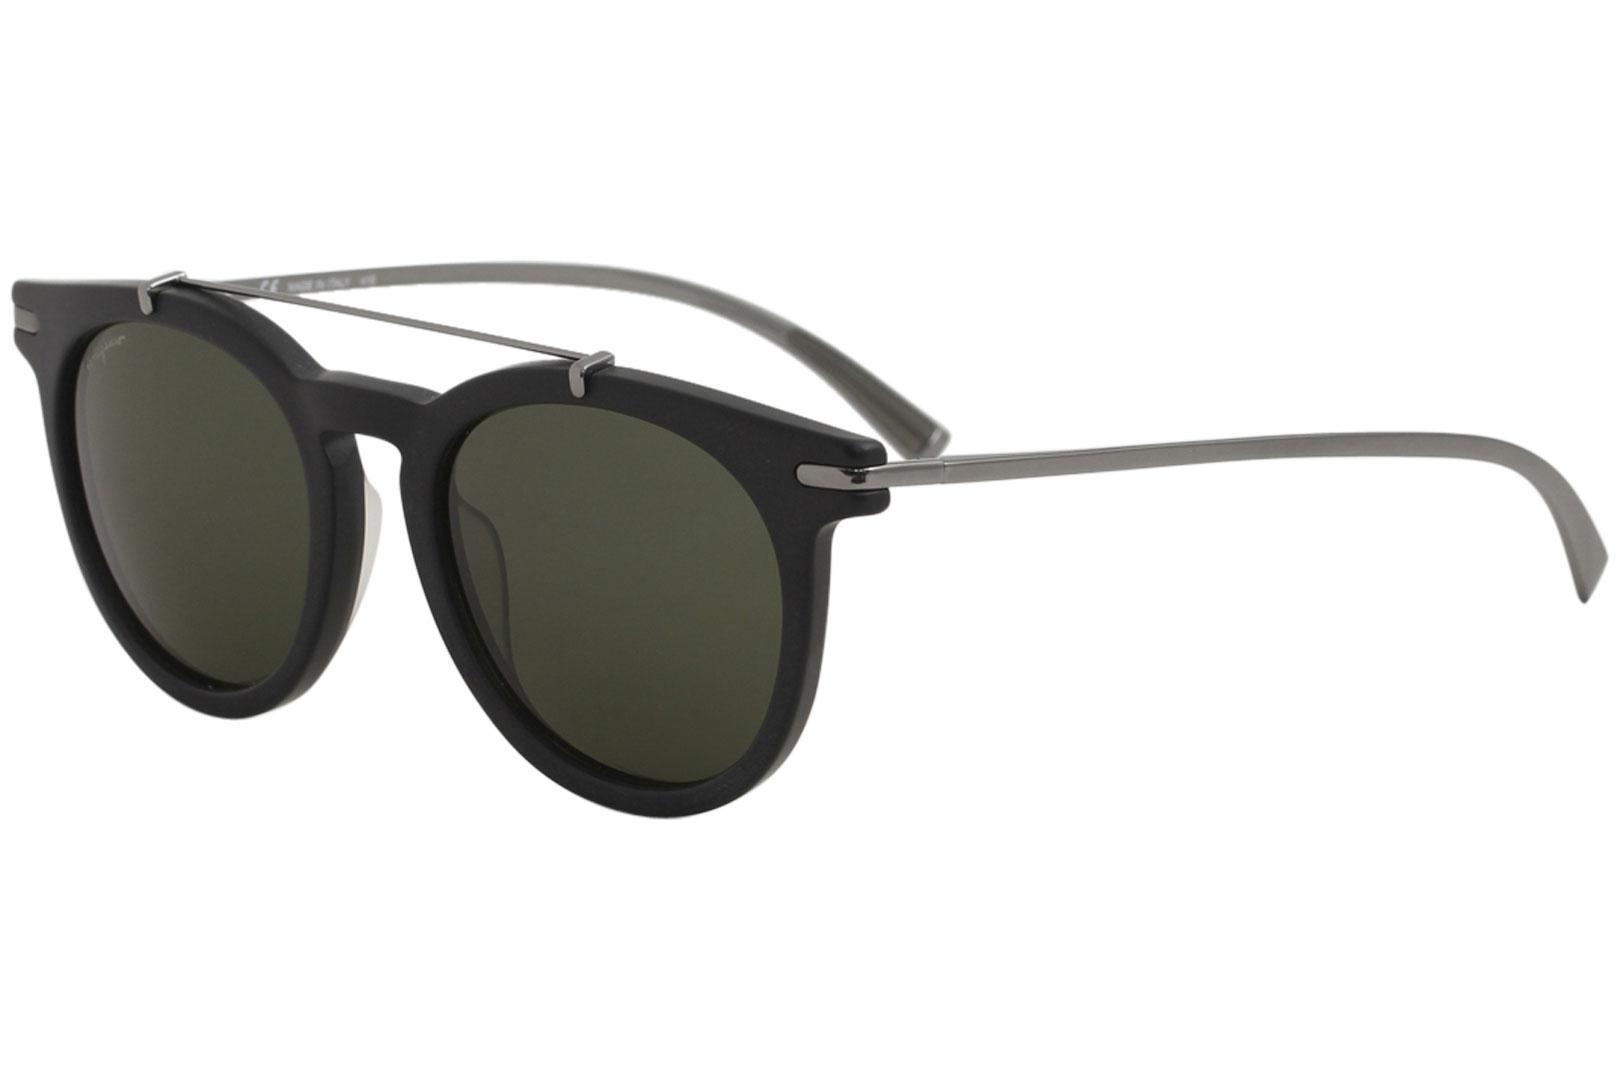 bf9101b32f8 Salvatore Ferragamo Women s S821S SF 821 S Fashion Round Sunglasses by Salvatore  Ferragamo